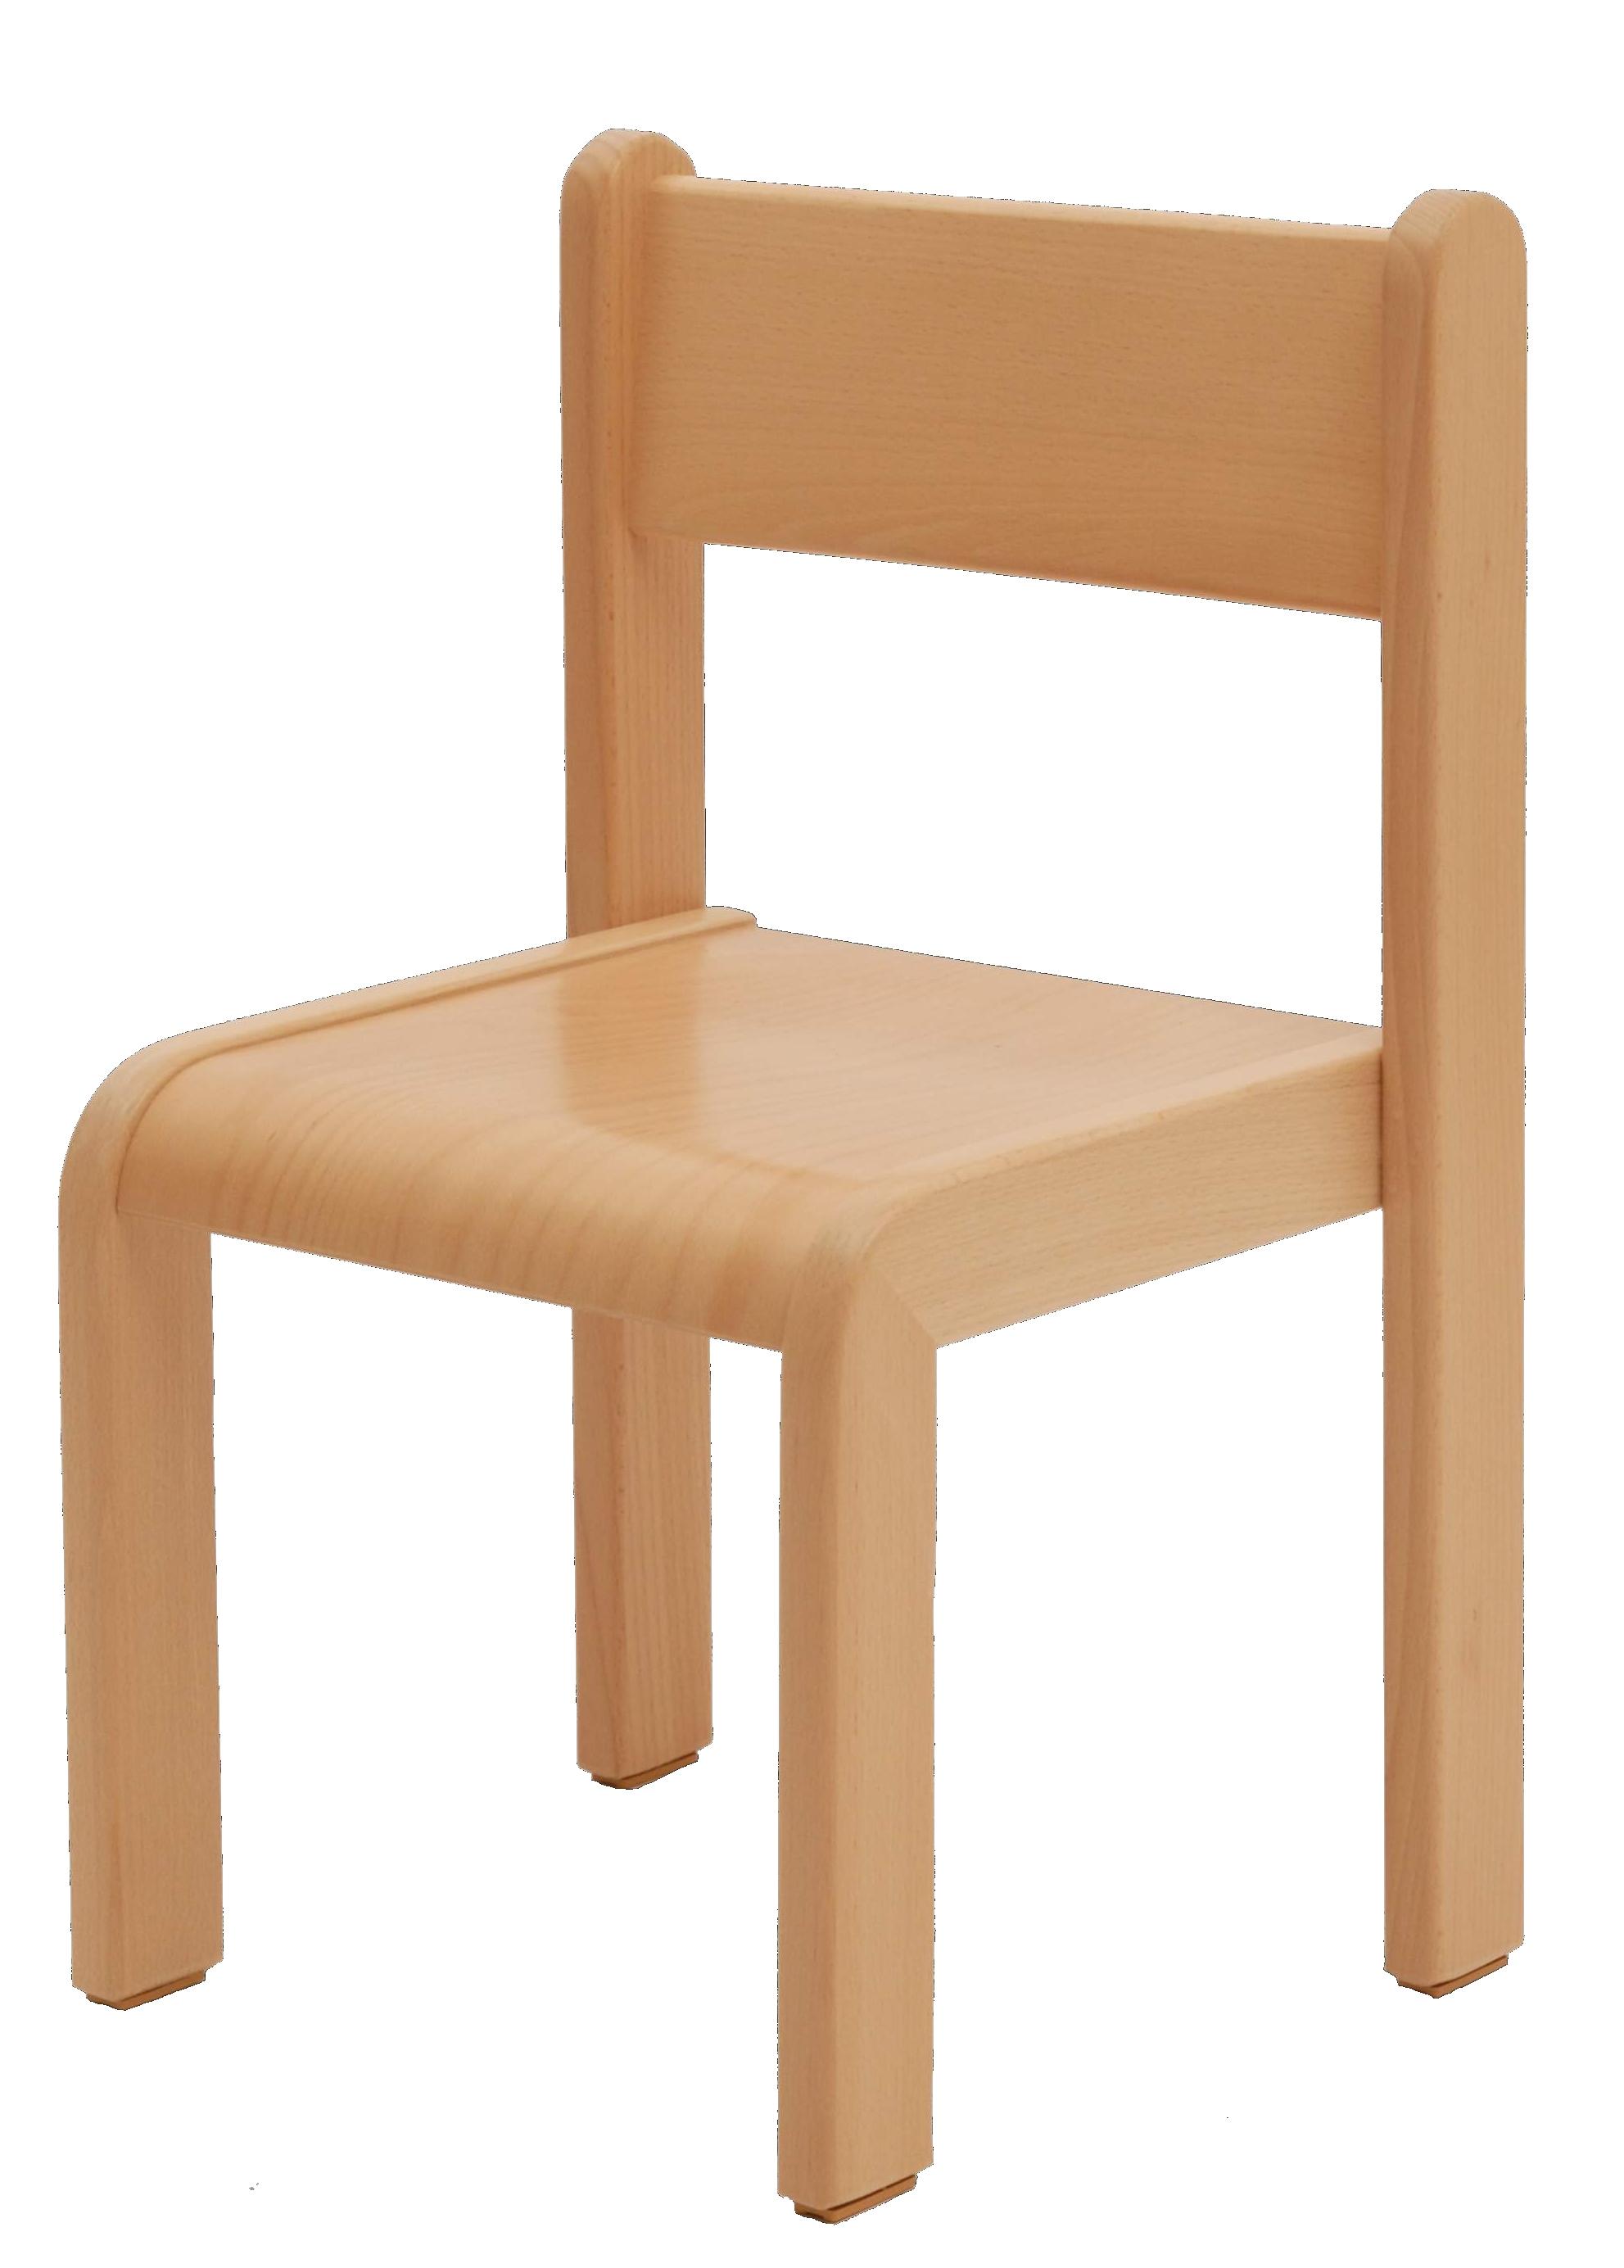 Dětská židlička bez područky 18 cm DE přírodní